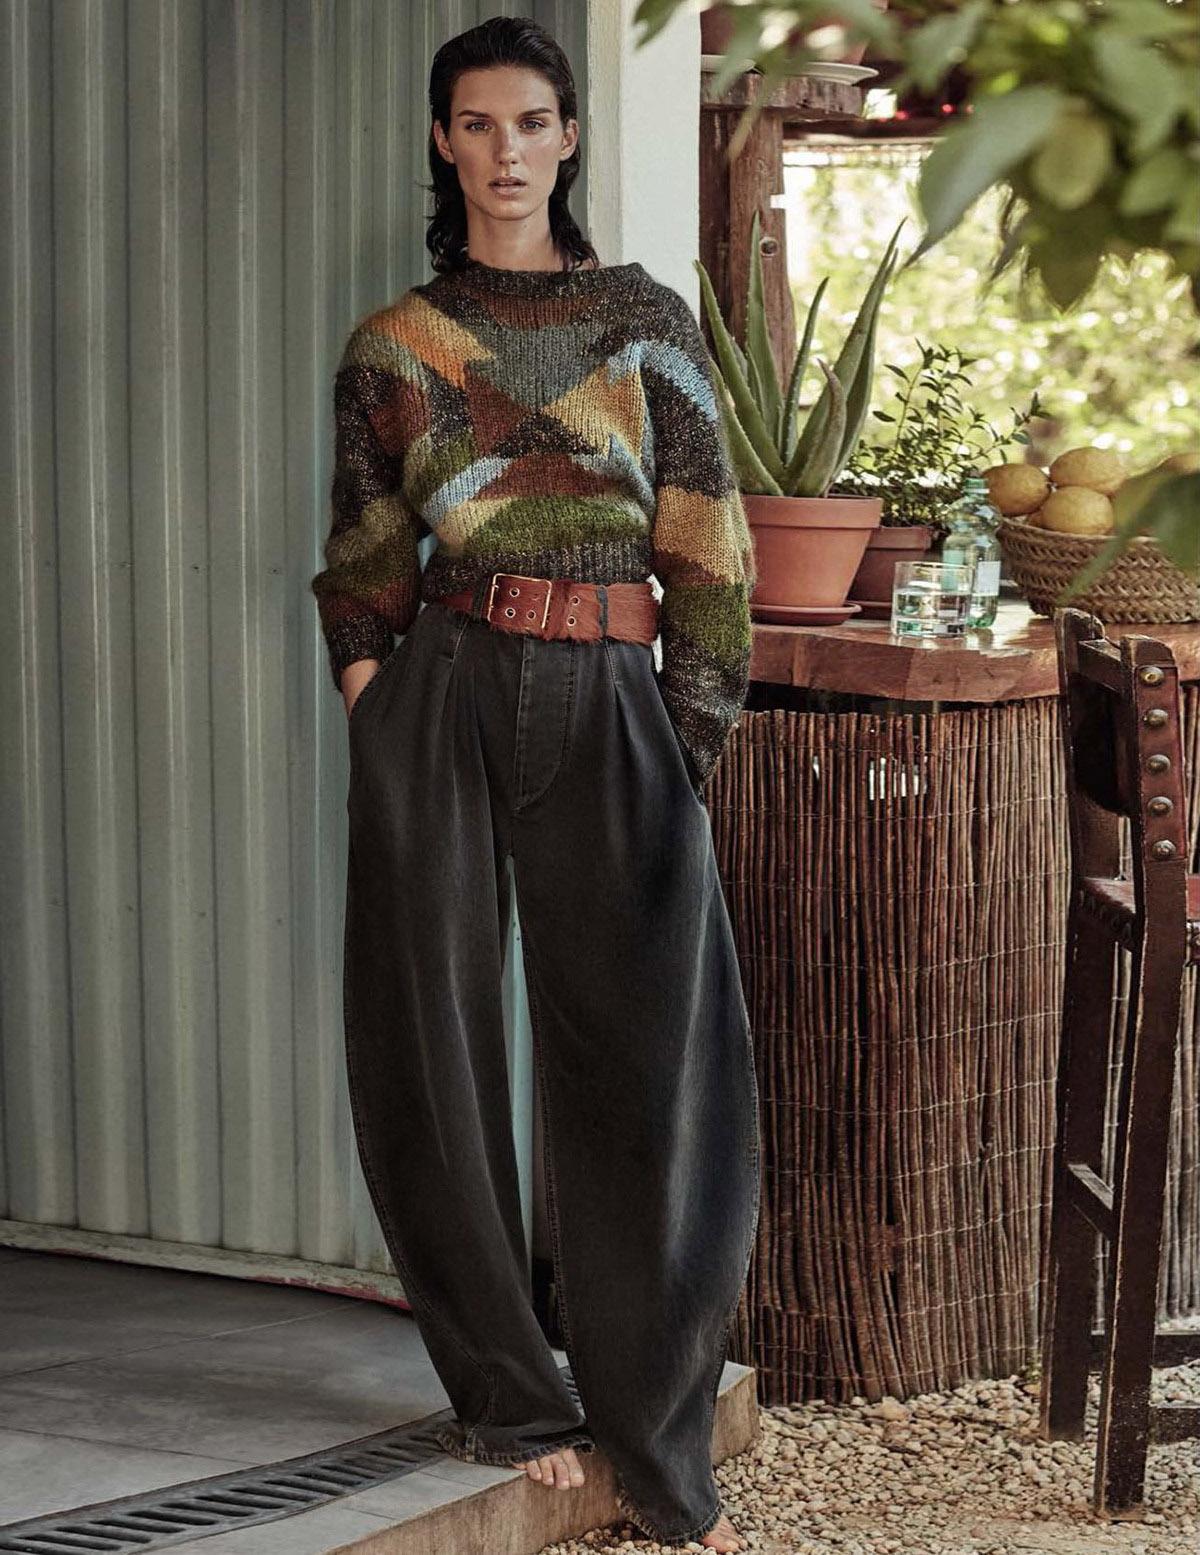 свитер в стиле пэчворк из шерсти и мохера, брюки из хлопка, Isabel Marant; ремень, Prada